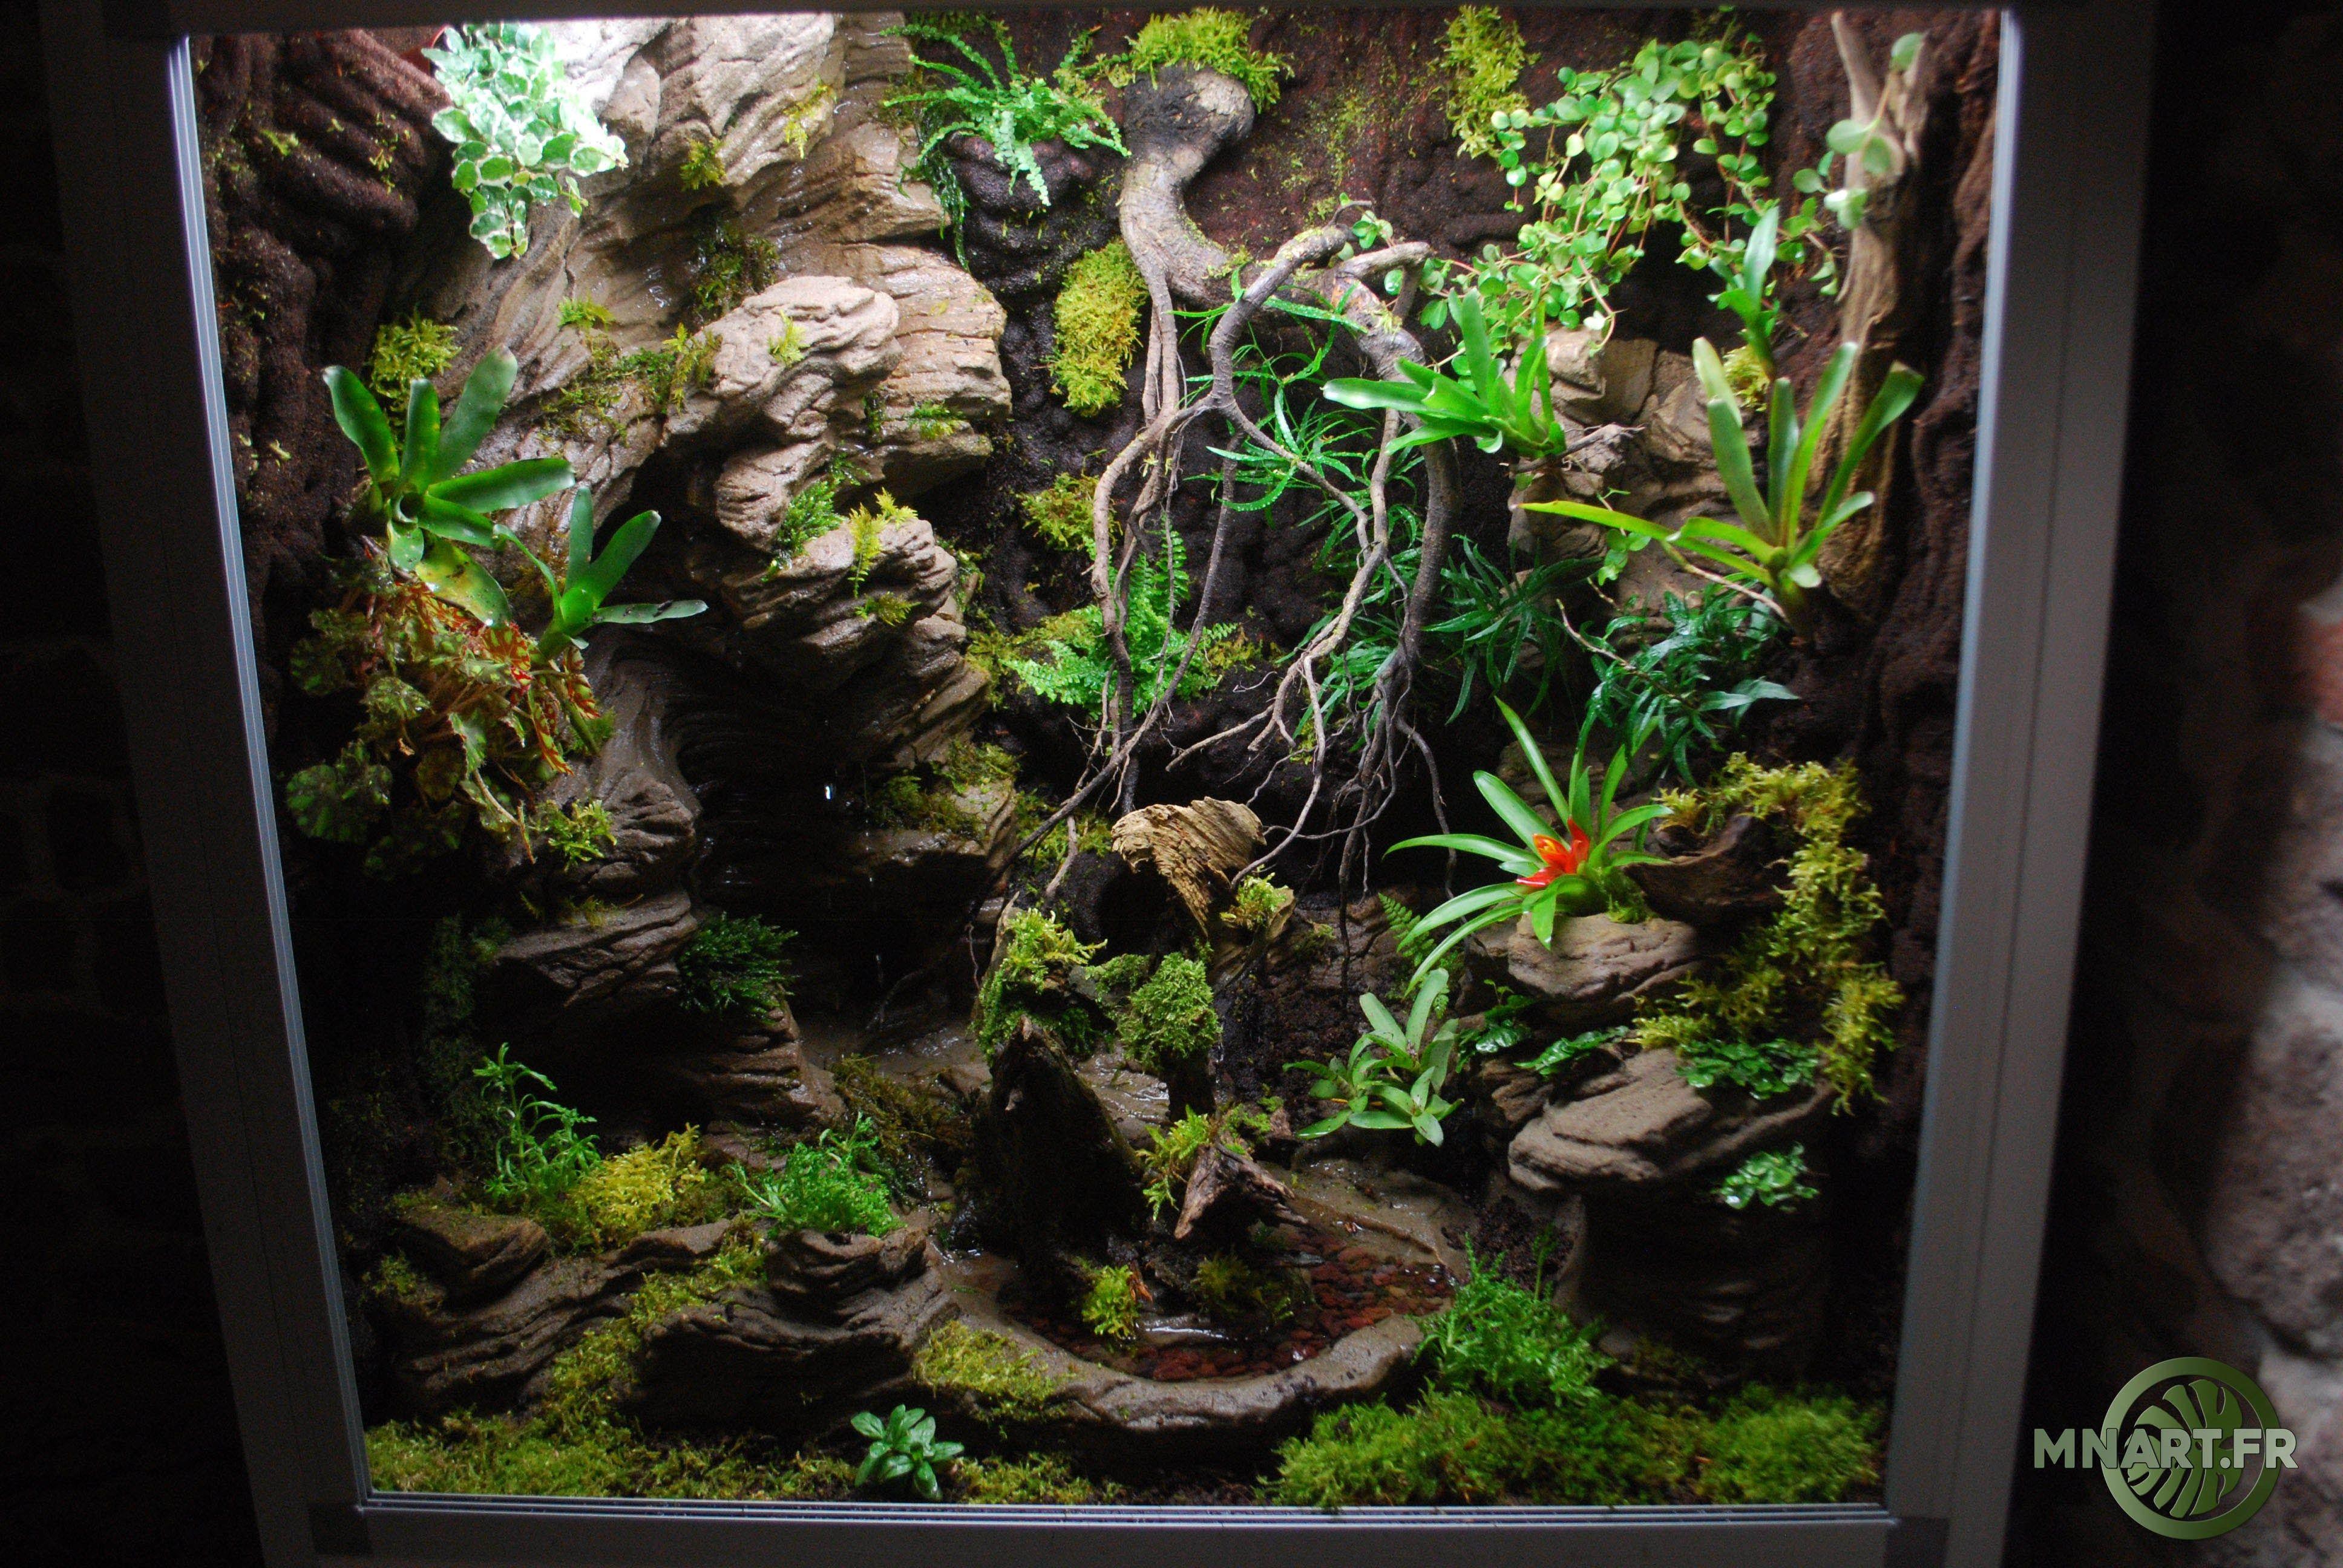 Mnart créateur fabricant de décor désertique tropicale terrarium